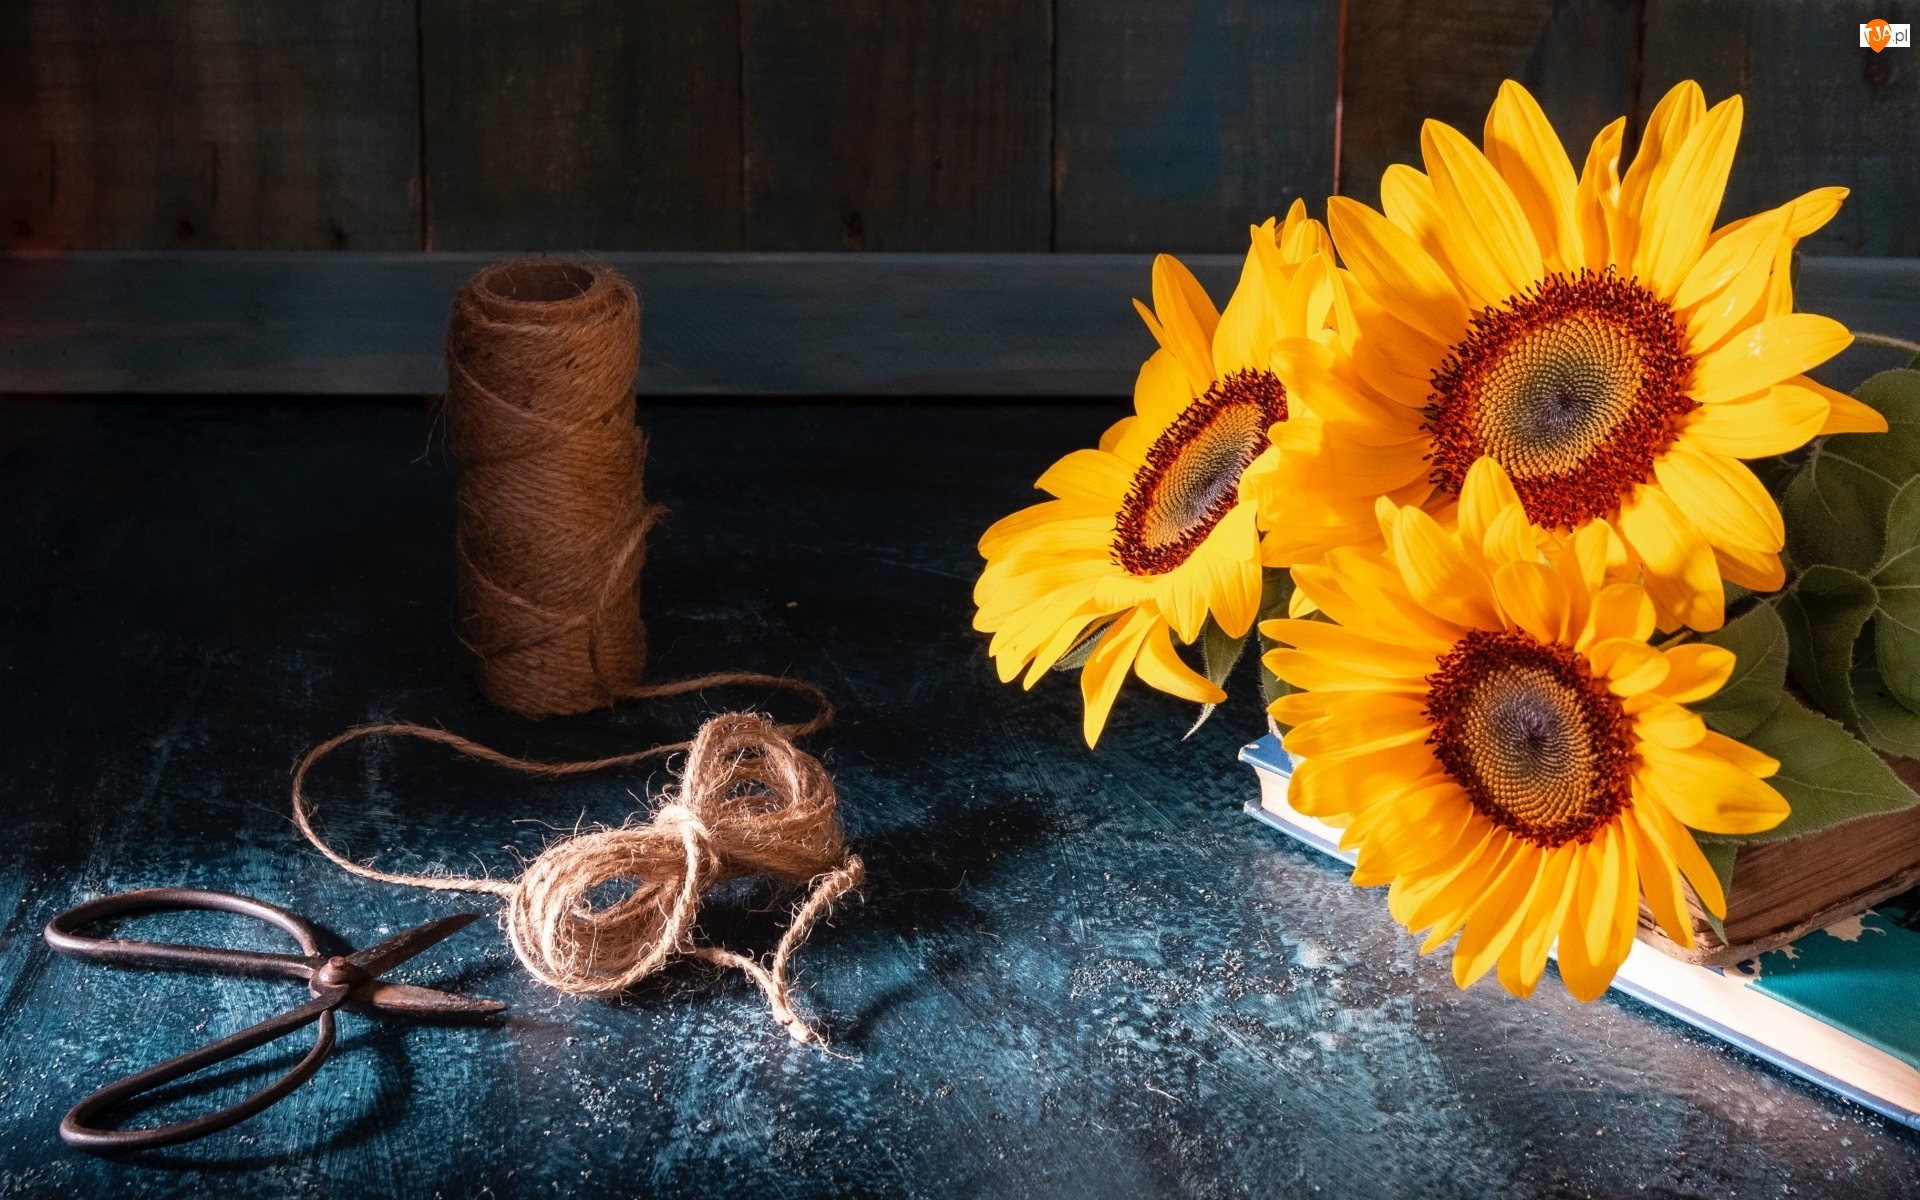 Słoneczniki ozdobne, Książki, Deski, Kwiaty, Kokardka, Nożyczki, Sznurek